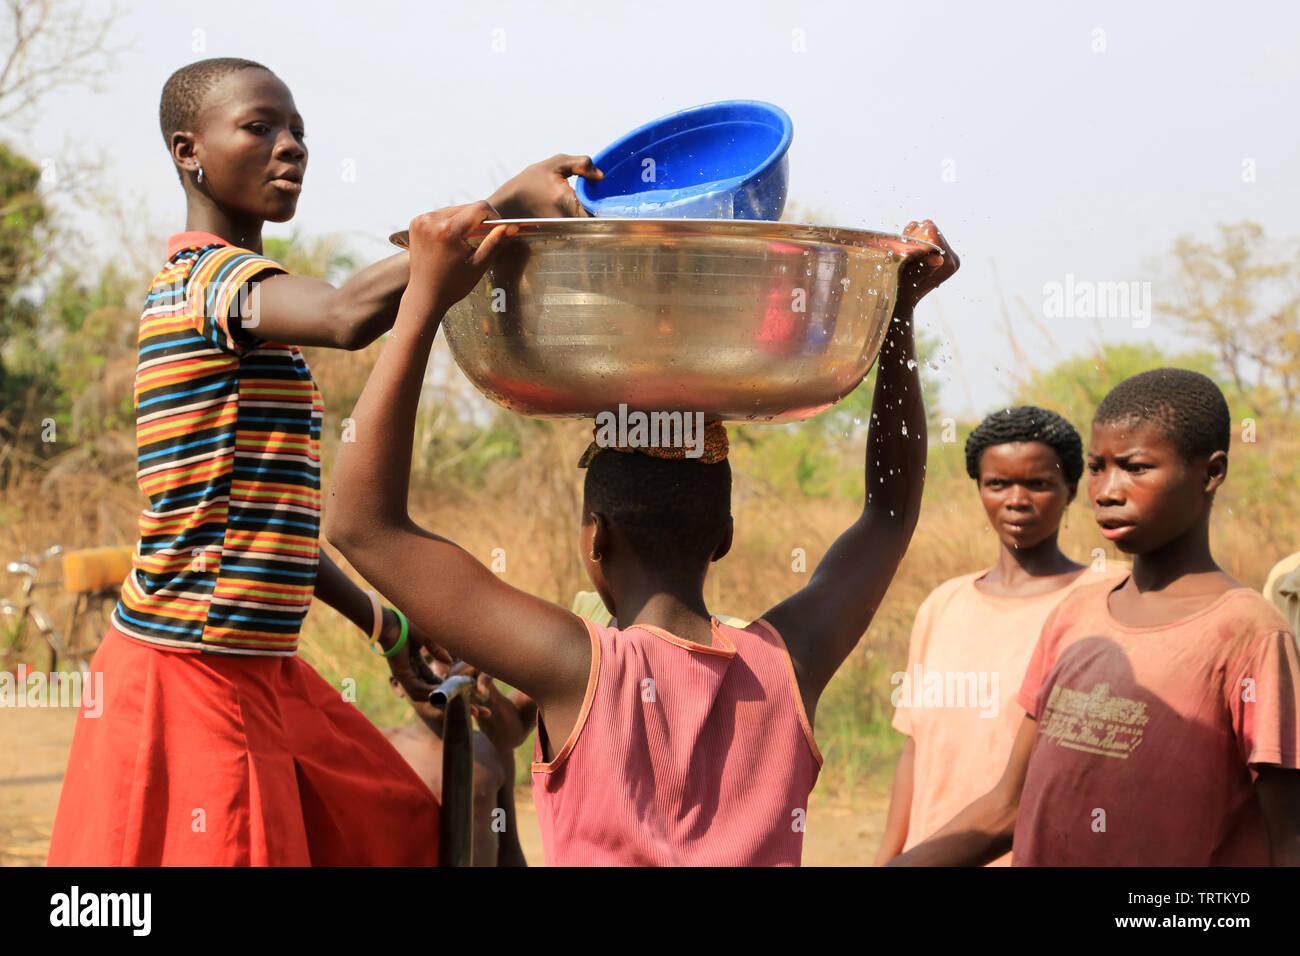 Porteuse d'eau. Datcha Attikpayé. Togo. Afrique de l'Ouest. Stock Photo